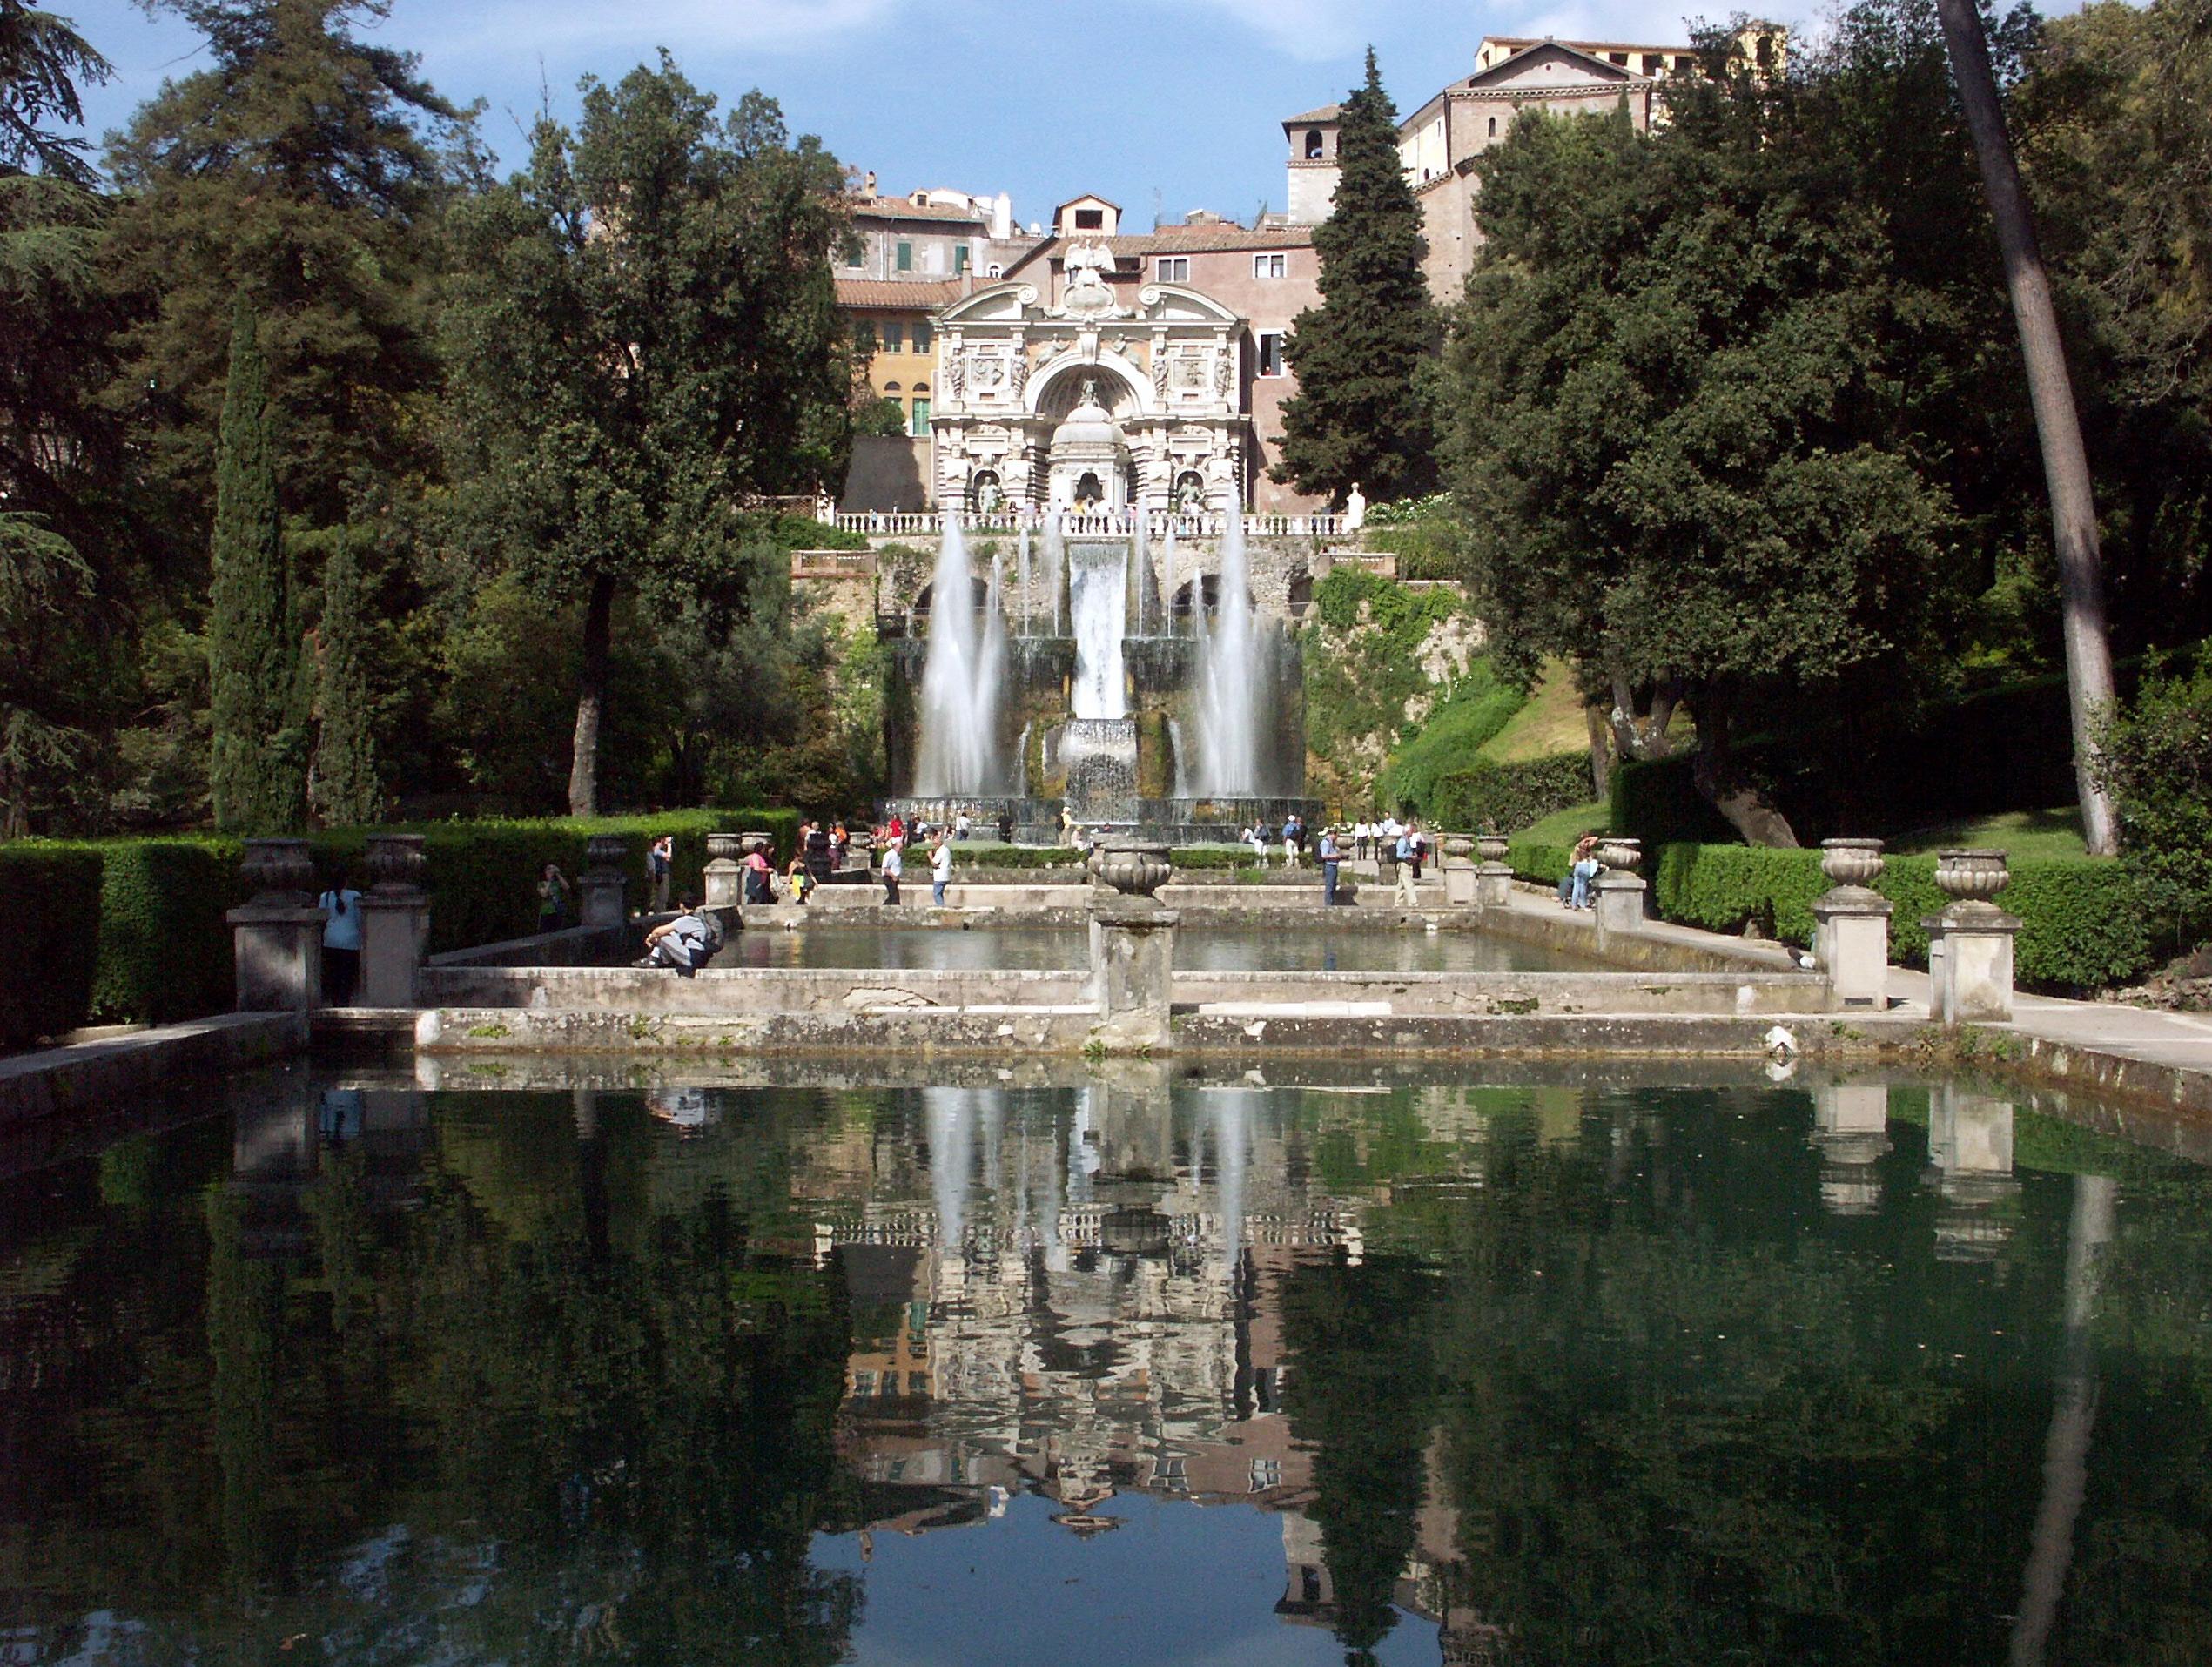 FileTivoli Villa dEste Querachse mit Neptunbrunnen und Wasserorgel 2jpg  Wikimedia Commons